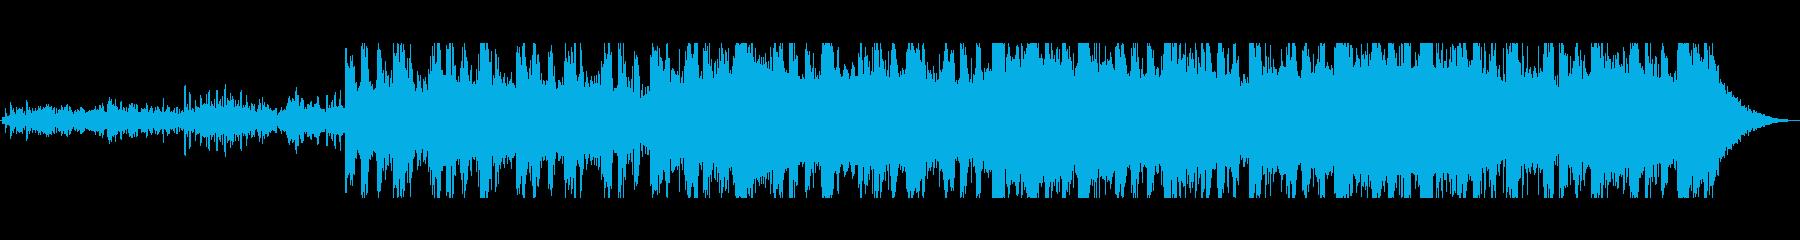 重厚感のあるエレクトロの再生済みの波形